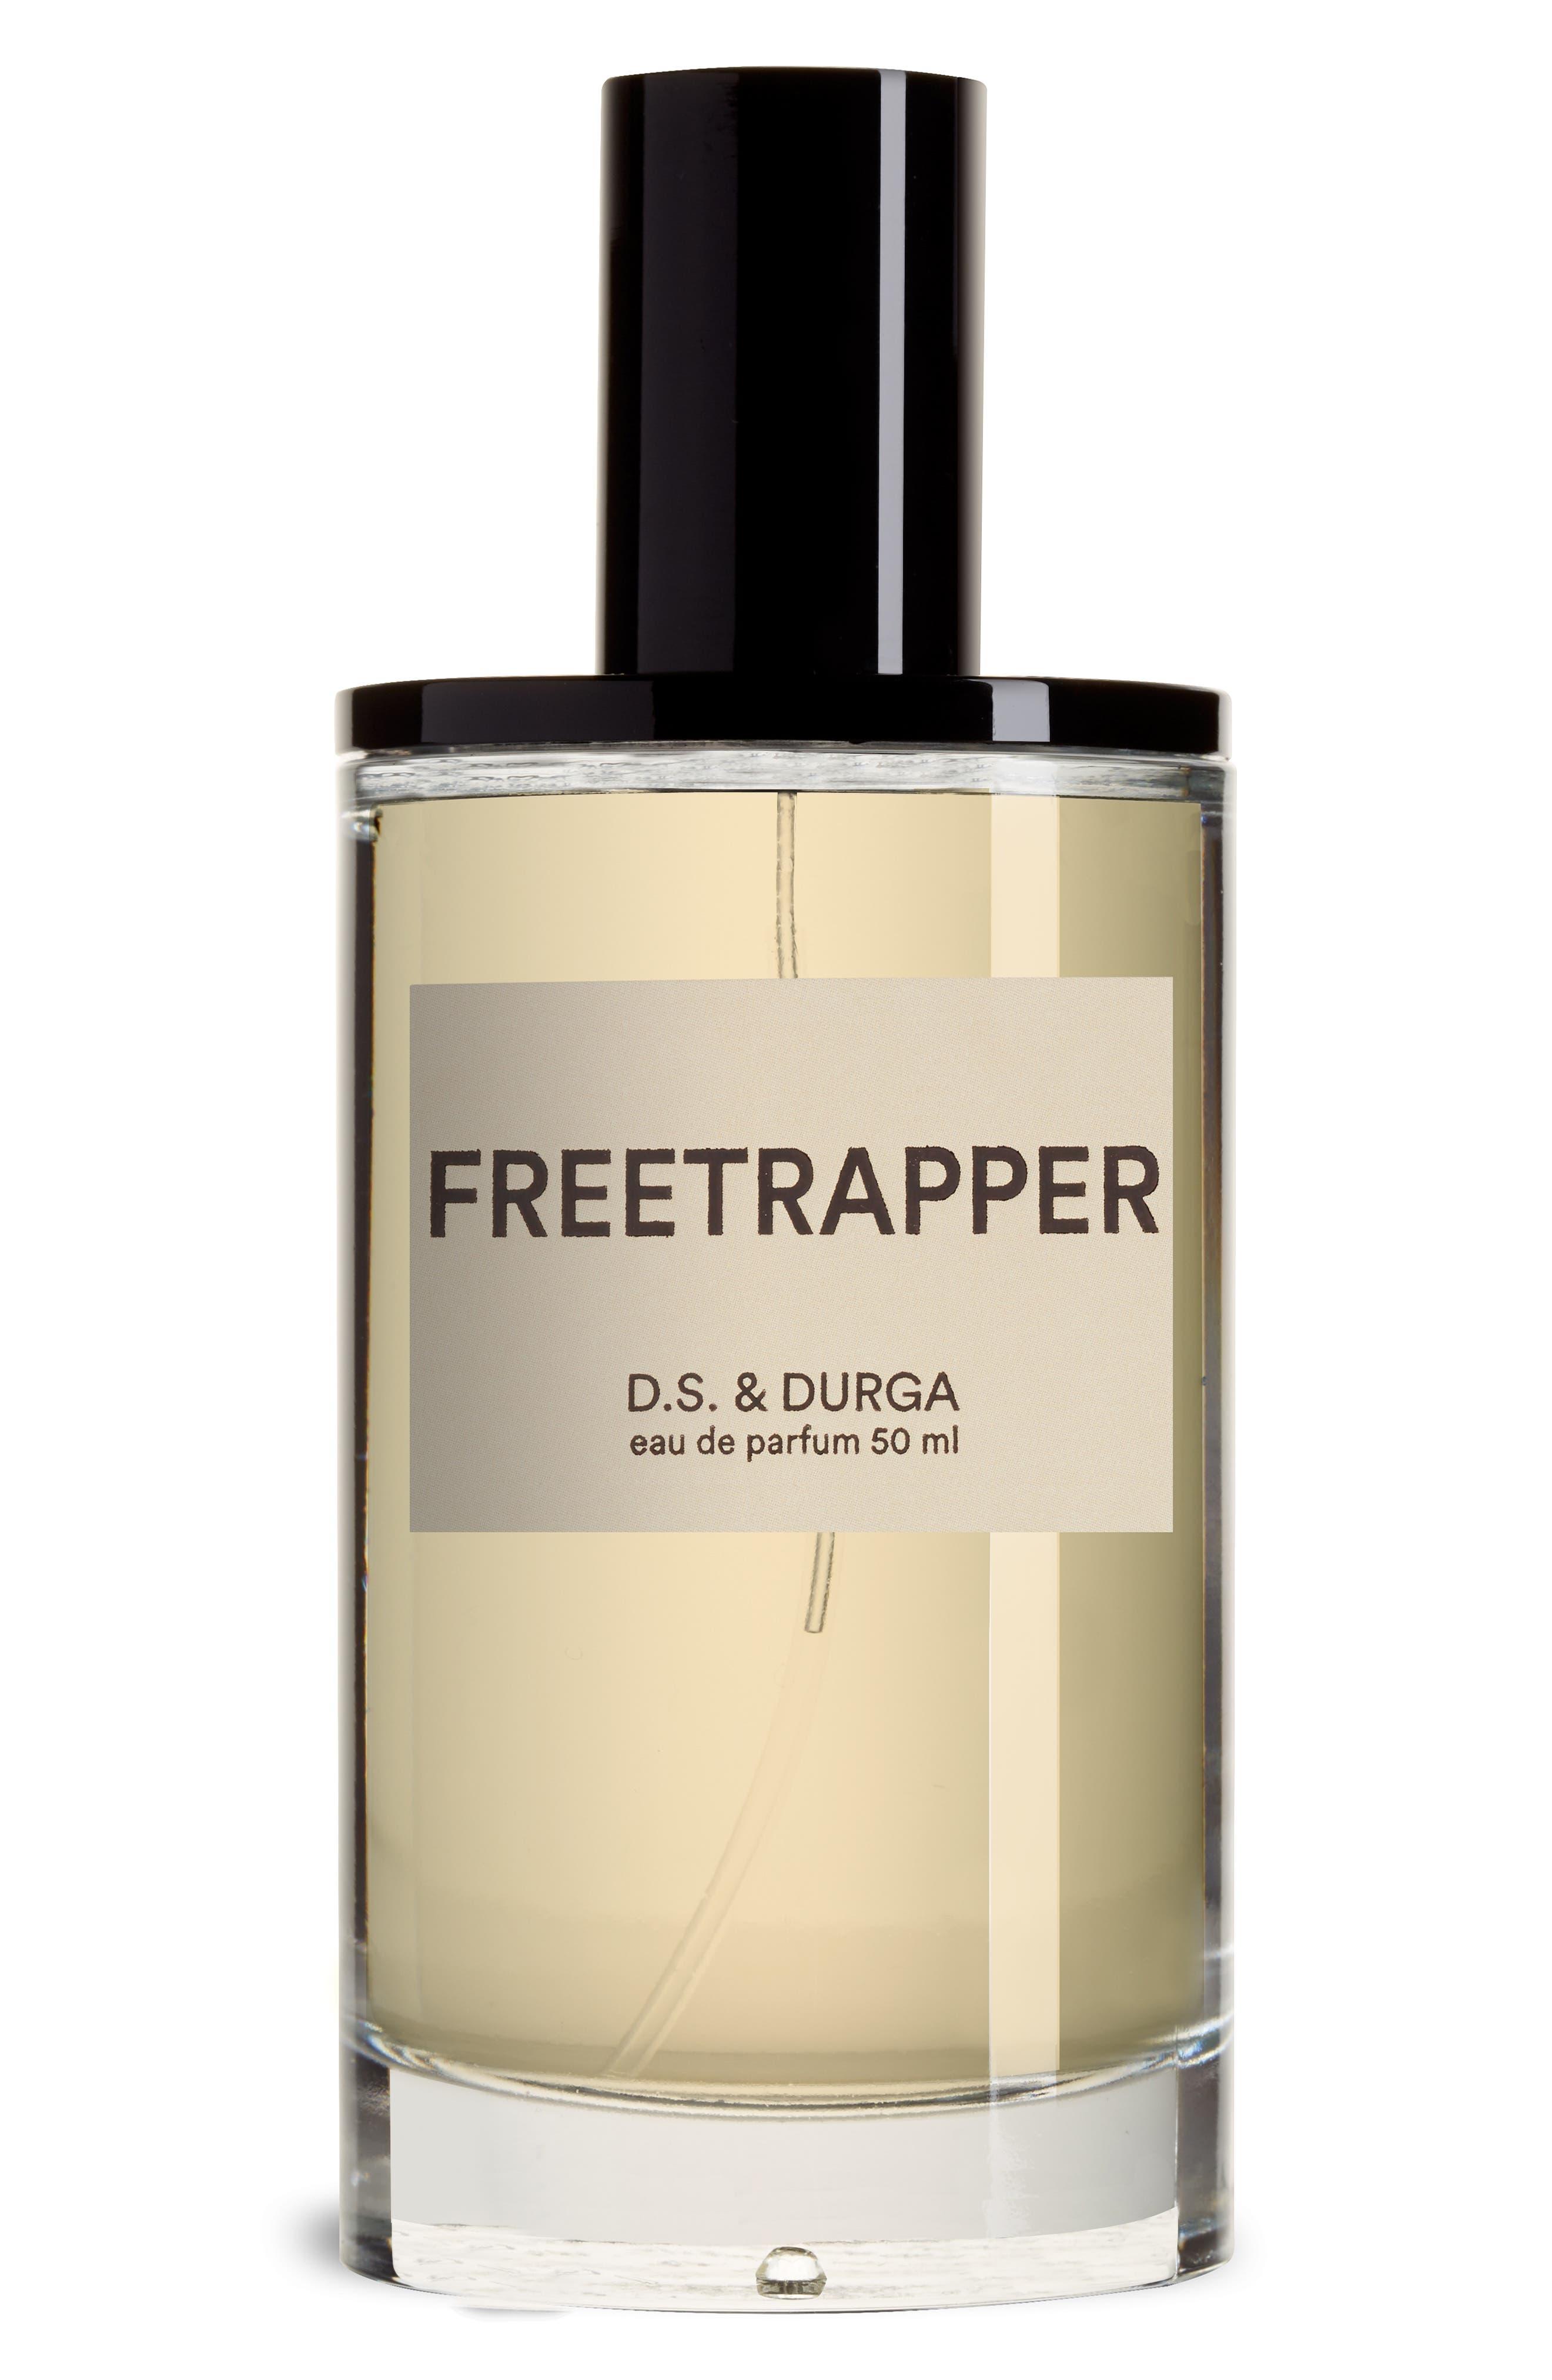 Freetrapper Eau De Parfum